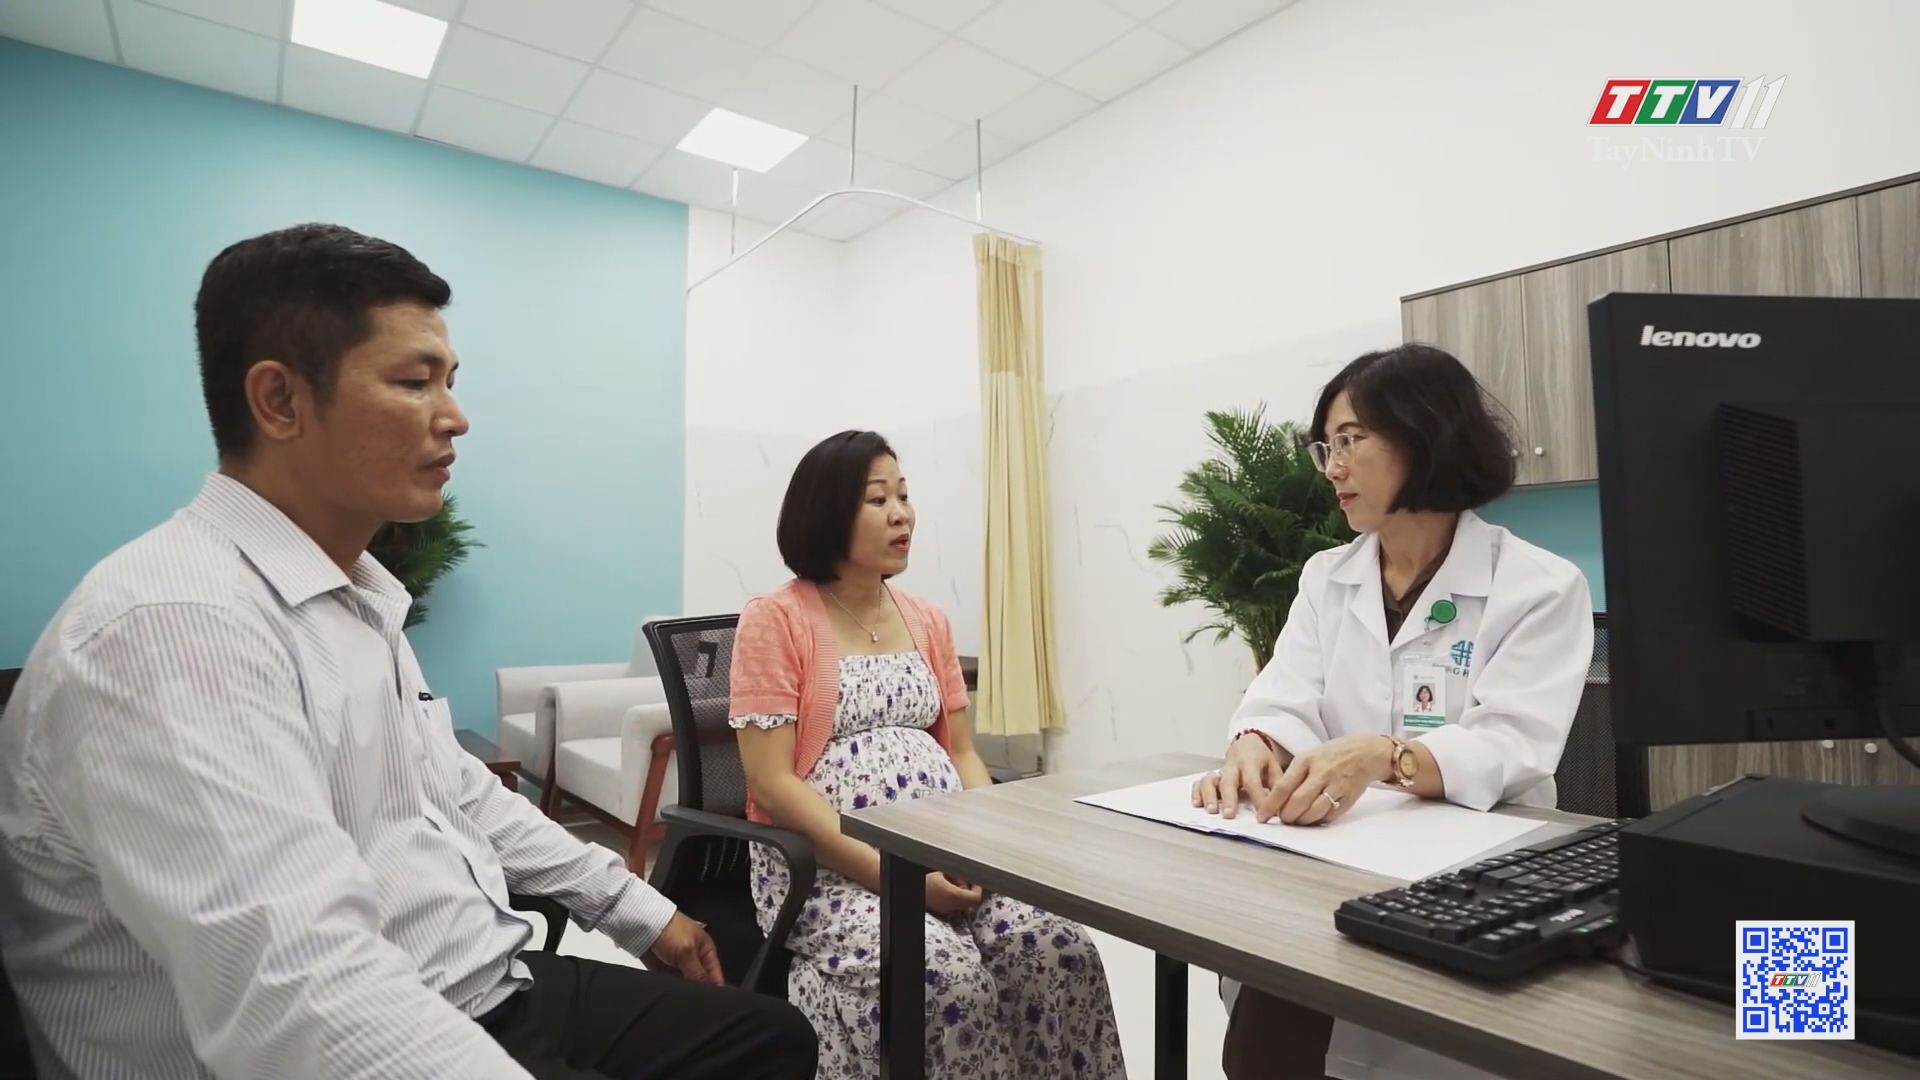 Chăm sóc trẻ sơ sinh và sau sinh tại nhà   SỨC KHỎE CHO MỌI NGƯỜI   TayNinhTV